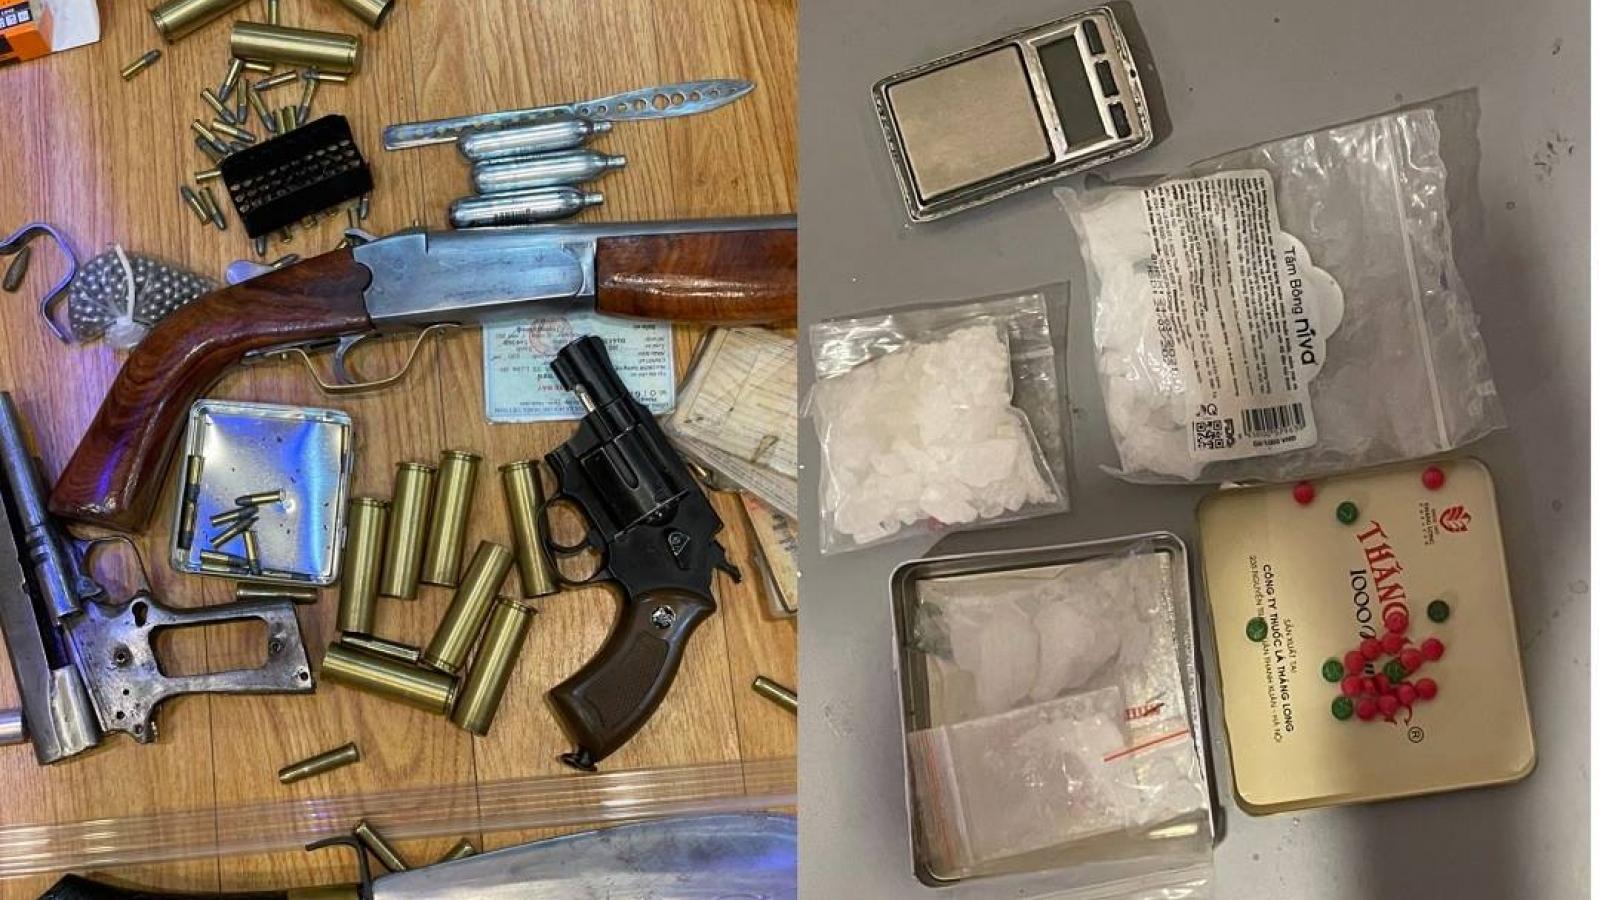 Triệt phá ổ nhóm ma túy ở Hà Nội, thu giữ nhiều súng đạn